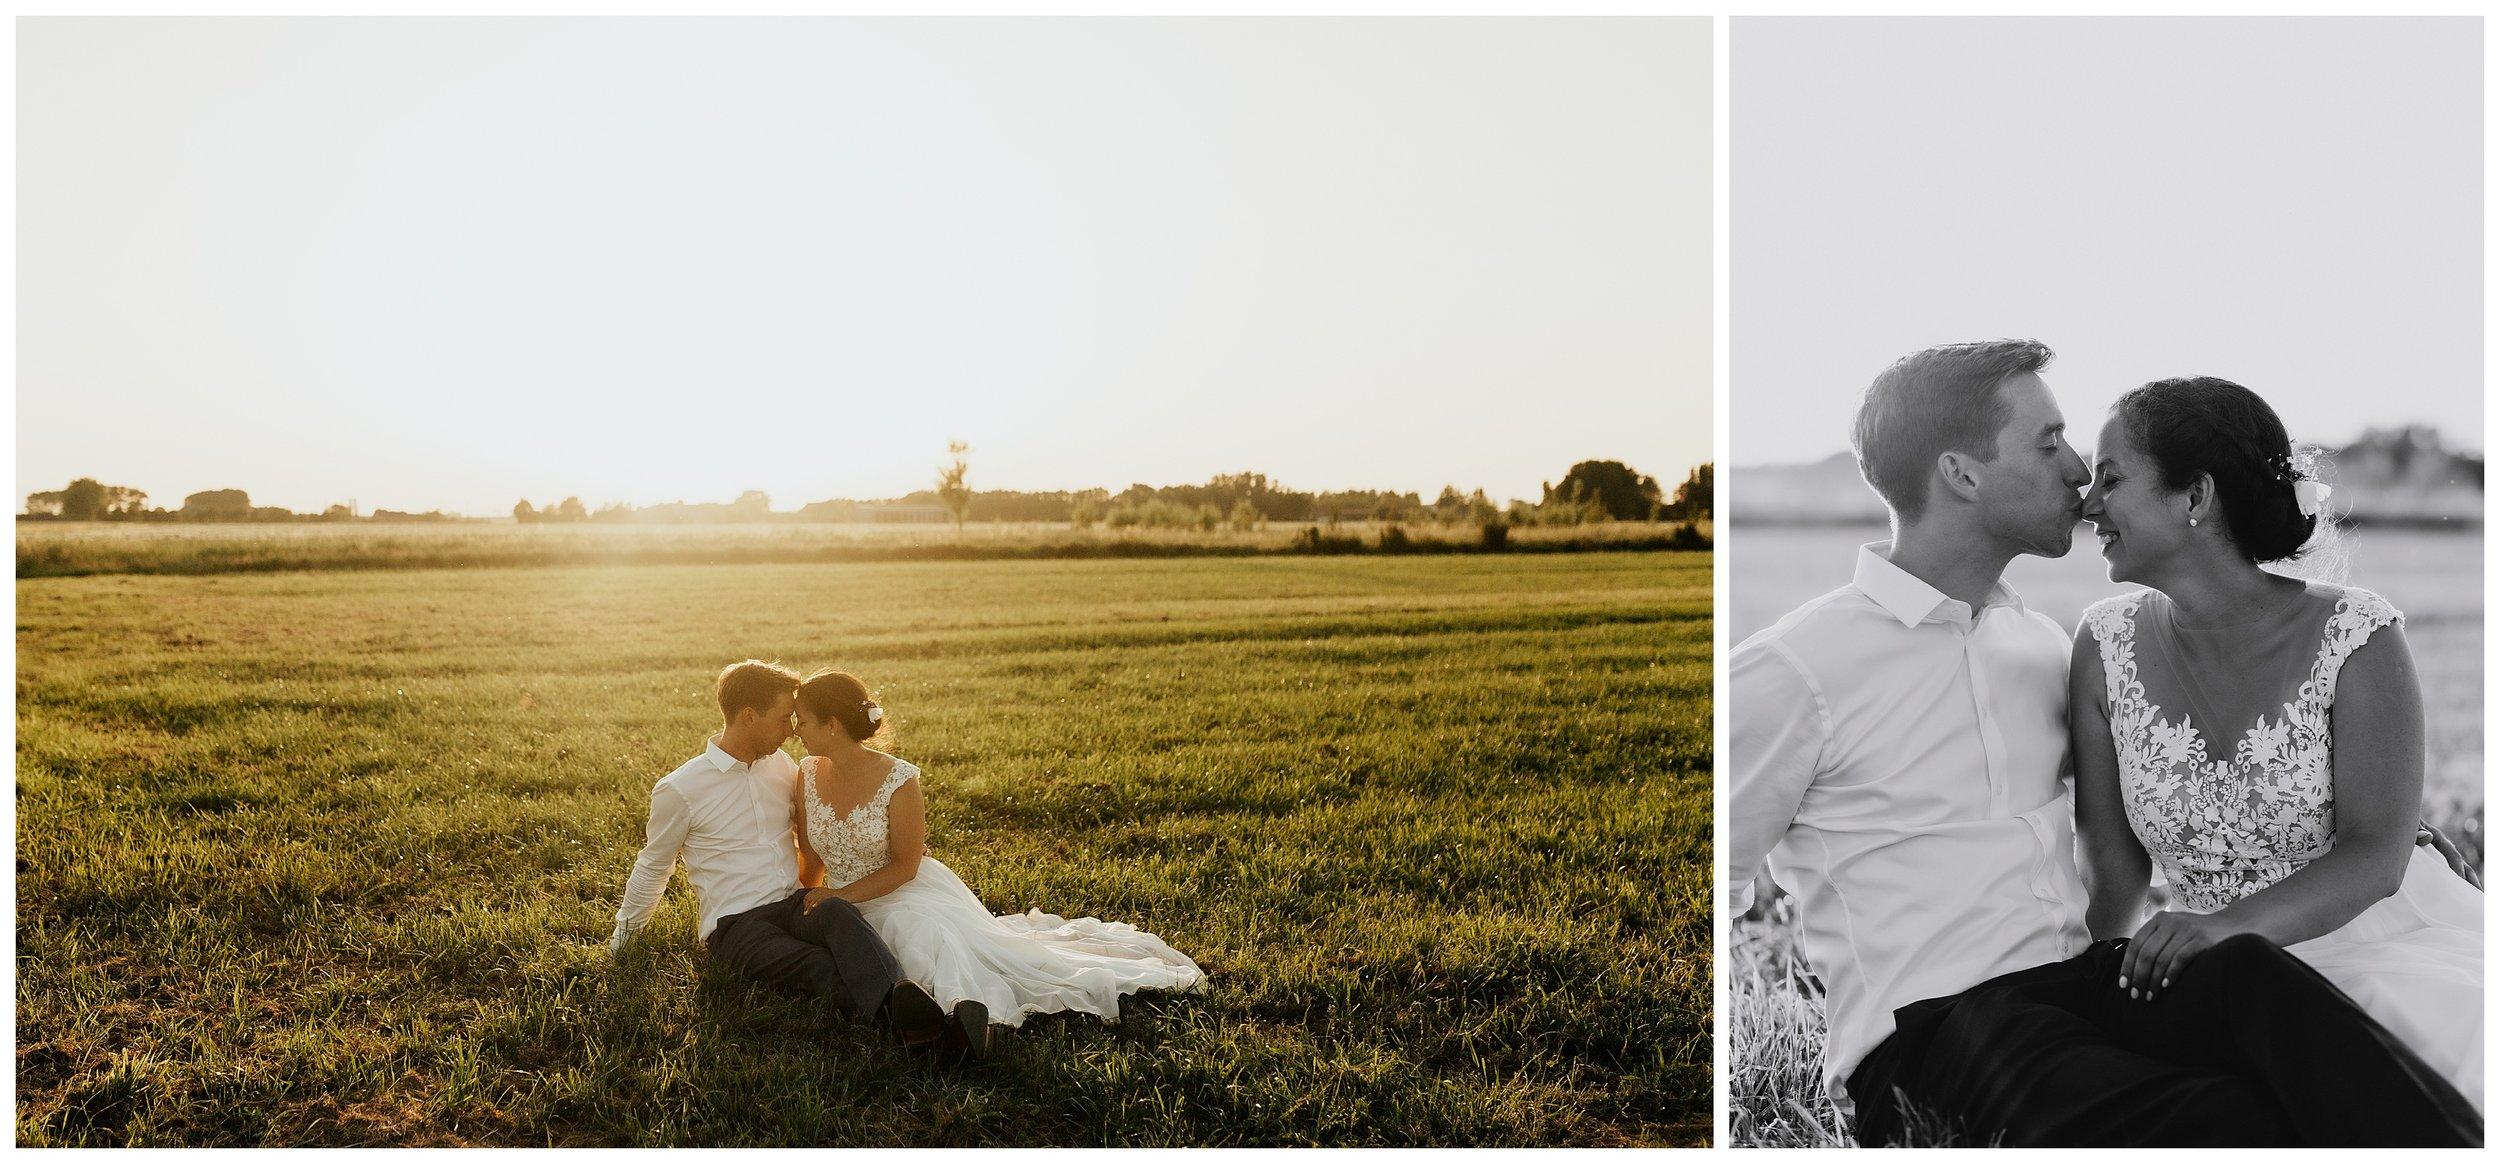 huwelijksfotograaf-huwelijksfotografie-knokke-heist-lisa-helsen-photography-trouwfotograaf-trouwfoto-sabine-pieter_0031.jpg